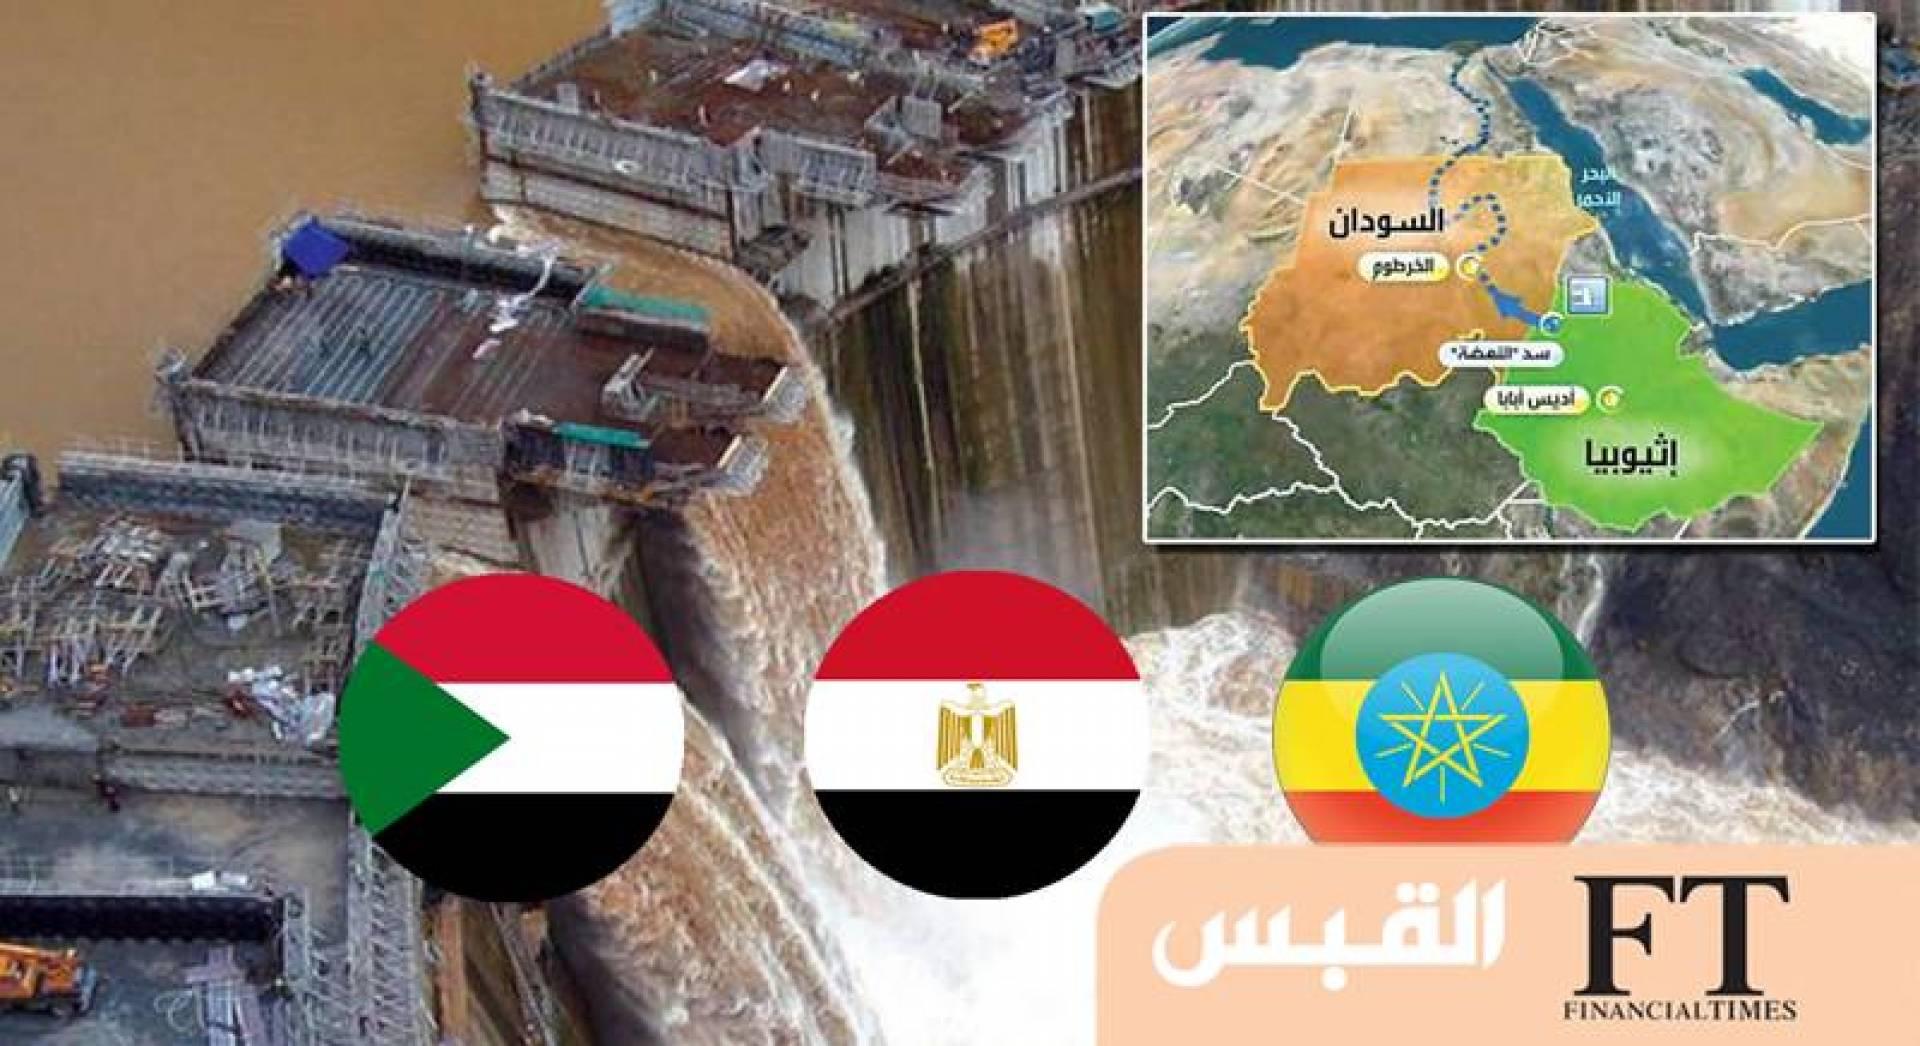 بعد 10 سنوات من المفاوضات الفاشلة.. هل تنجح مصر في نزع فتيل أزمة سد النهضة؟